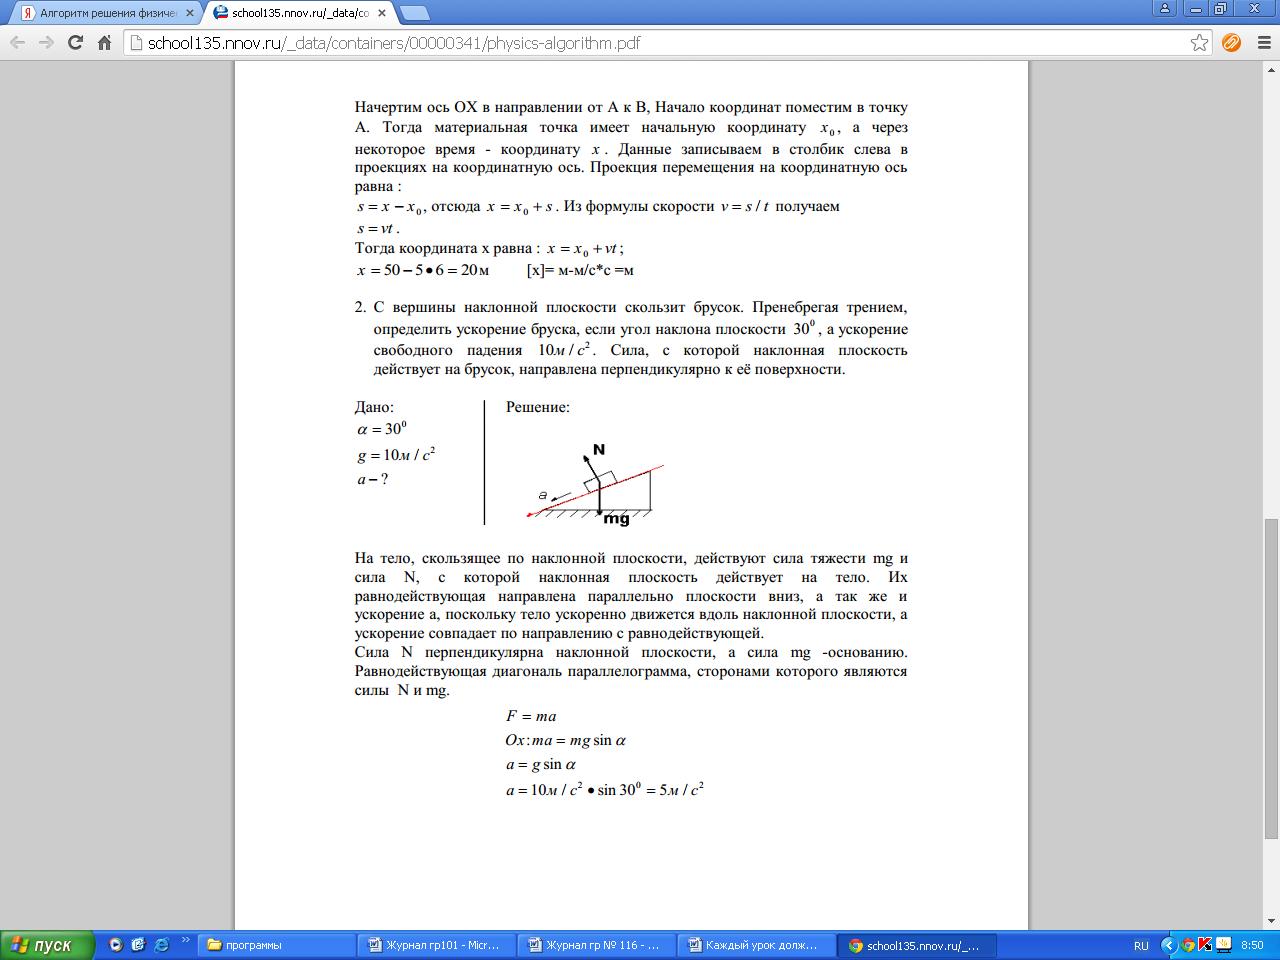 Программа решение задач физики методичка по решению задач по теоретической механике